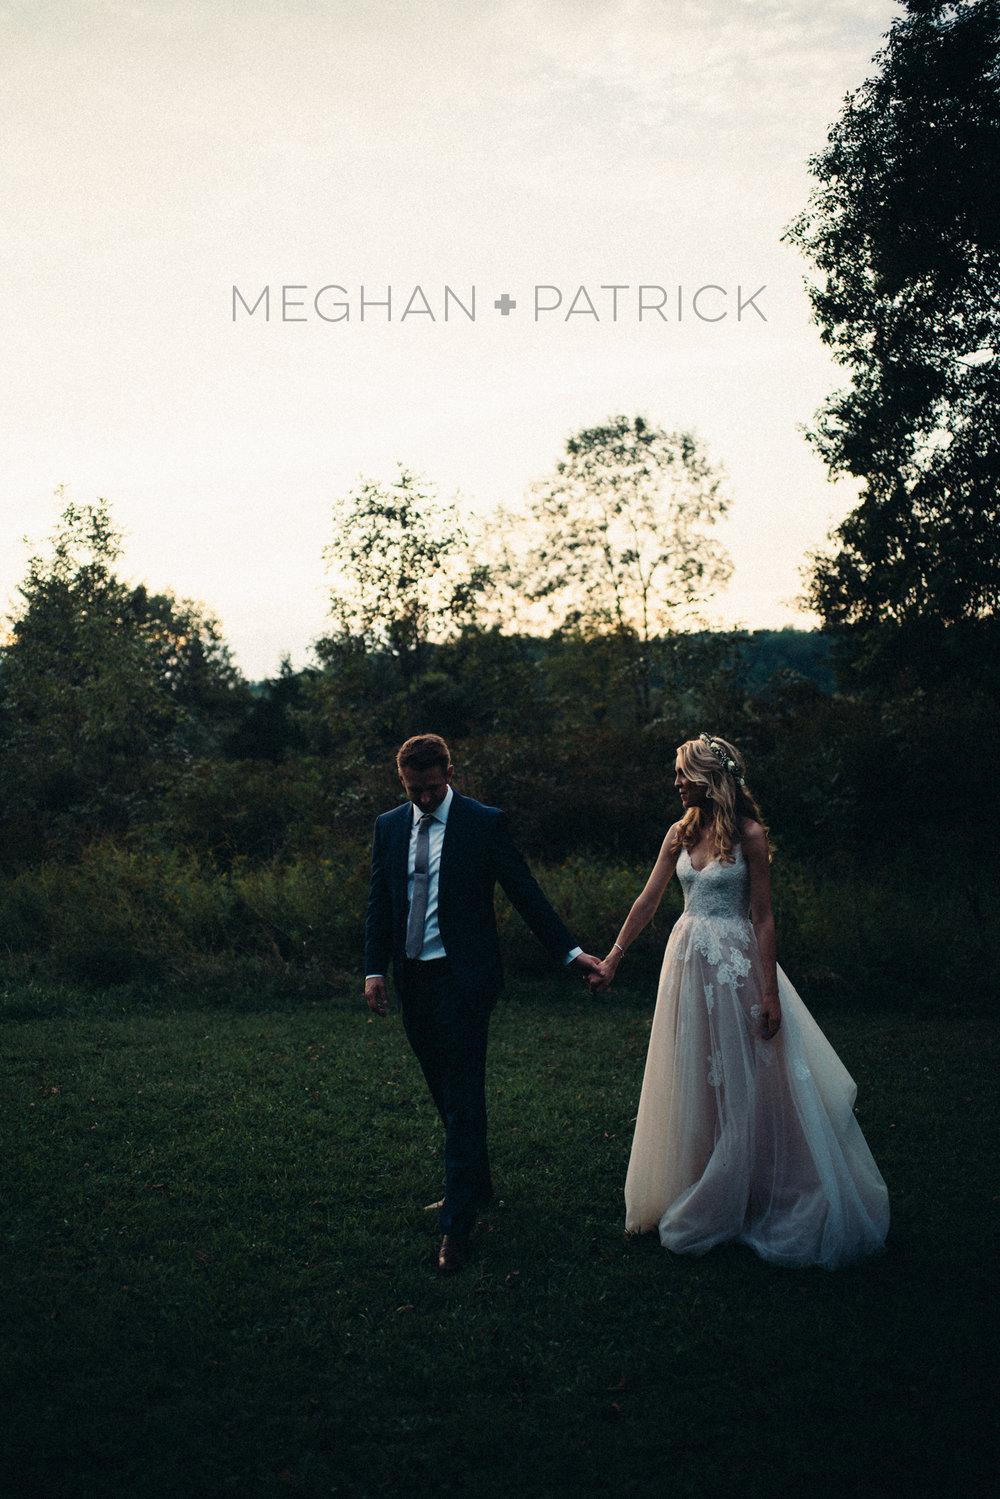 MeghanPatrickCover.jpg